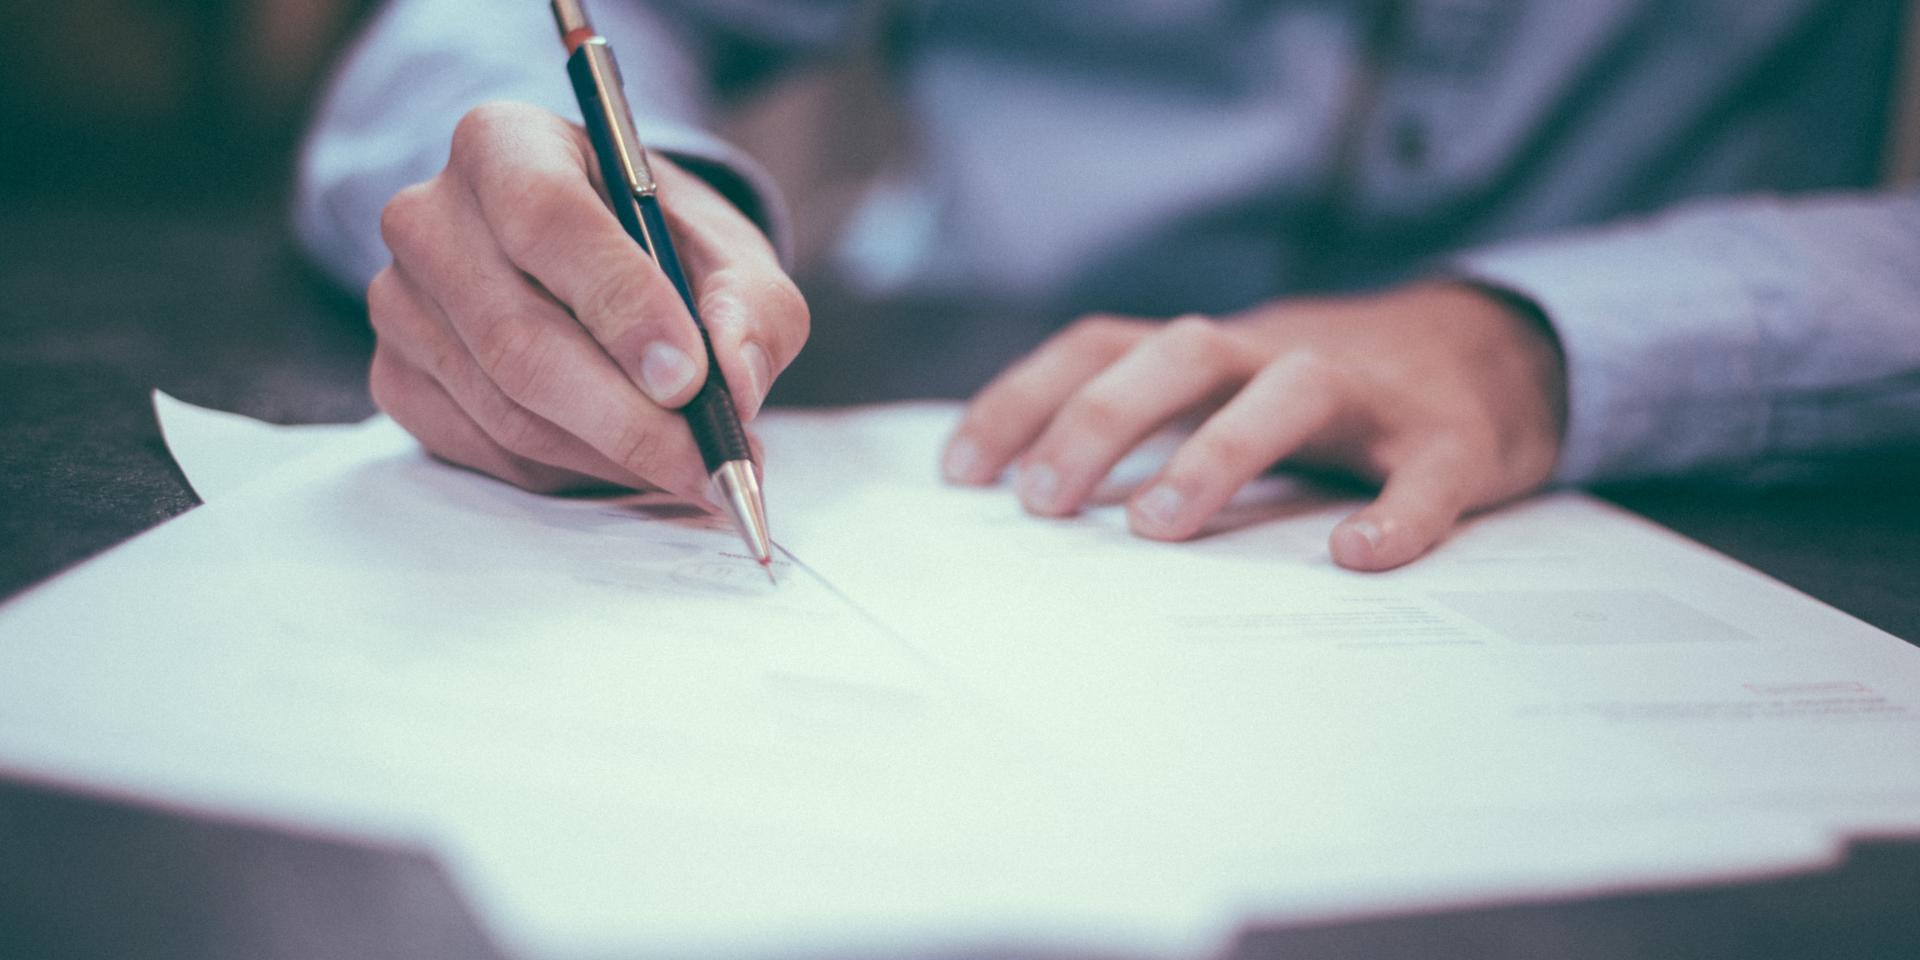 ¿Qué es compliance? Entiende su importancia y cómo implementarlo